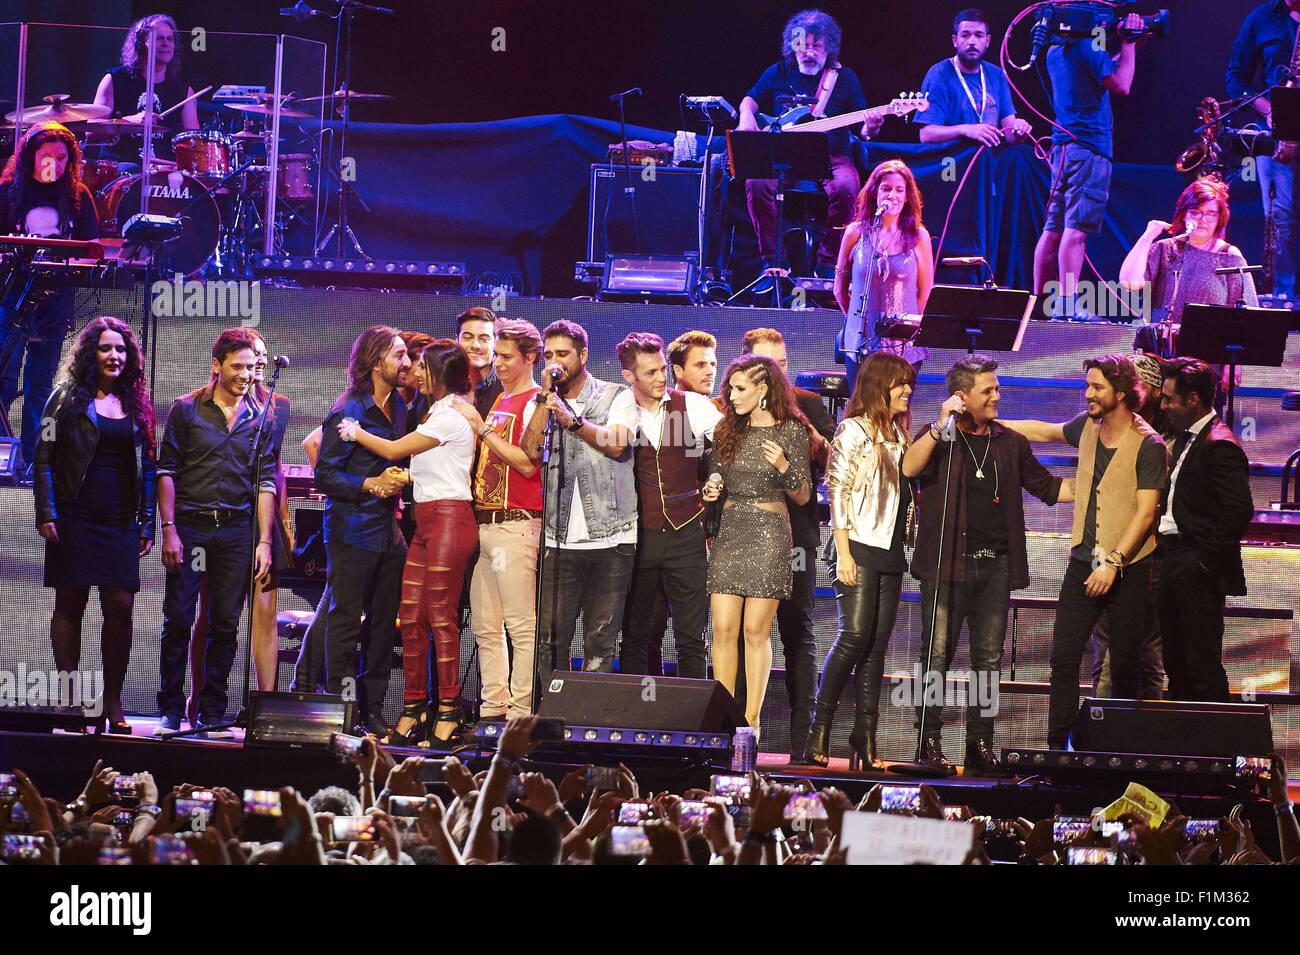 ¿Cuánto mide Vanesa Martín? - Altura Madrid-espana-4-sep-2015-alejandro-sanz-carlos-goni-malu-vanesa-martin-manuel-carrasco-ana-torroja-carlos-baute-david-bustamante-david-de-maria-etc-realiza-en-el-escenario-durante-la-cadena-dial-25-fiesta-de-aniversario-en-el-palacio-de-los-deportes-el-3-de-septiembre-de-2015-en-madrid-jack-credito-abuinzuma-alambrealamy-live-news-f1m362